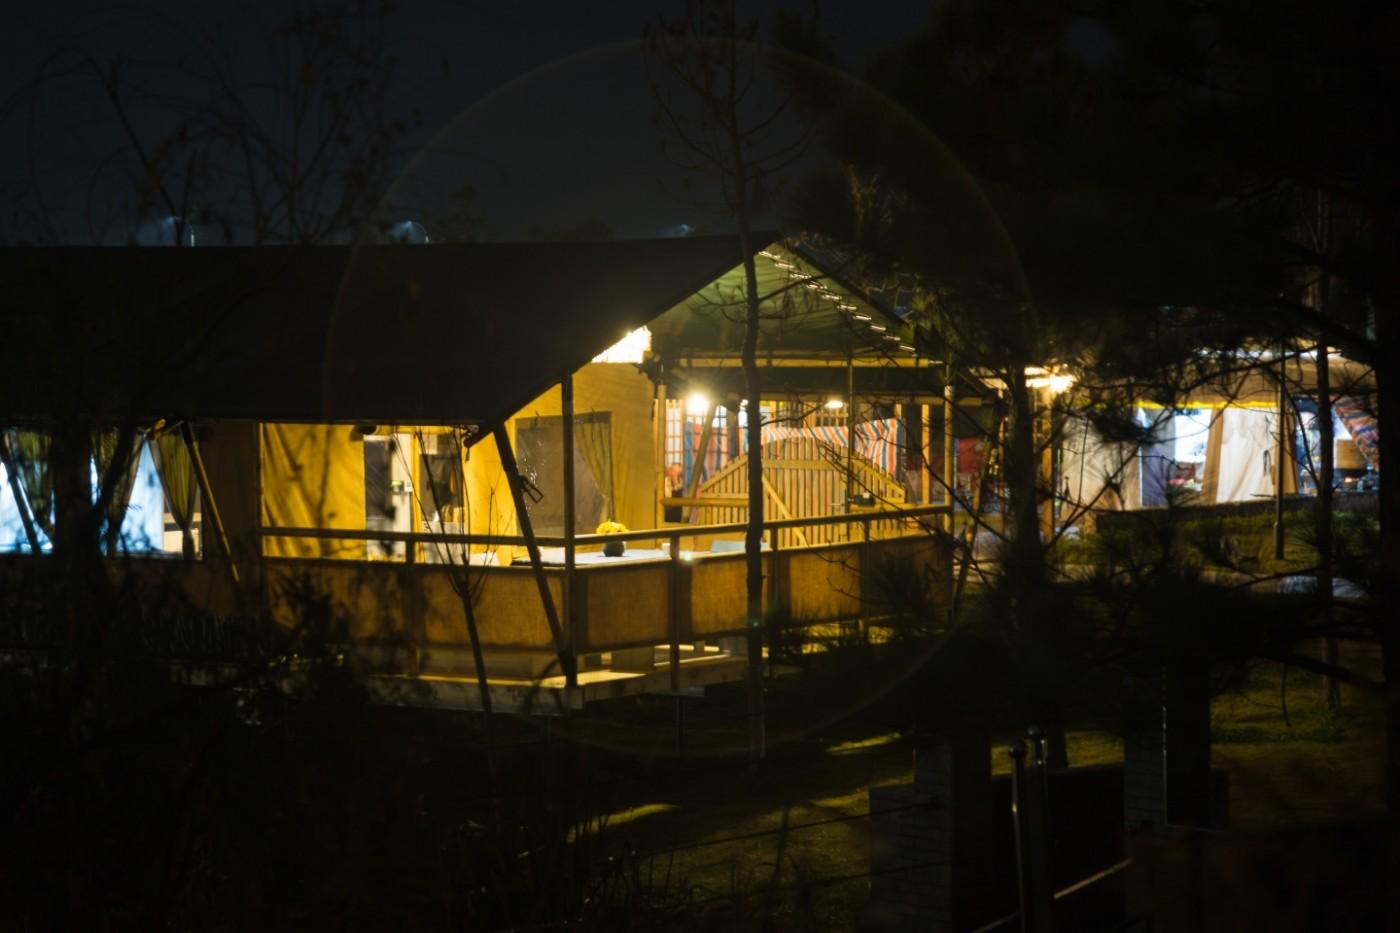 喜马拉雅野奢帐篷酒店—浙江留香之家露营地(54平)20